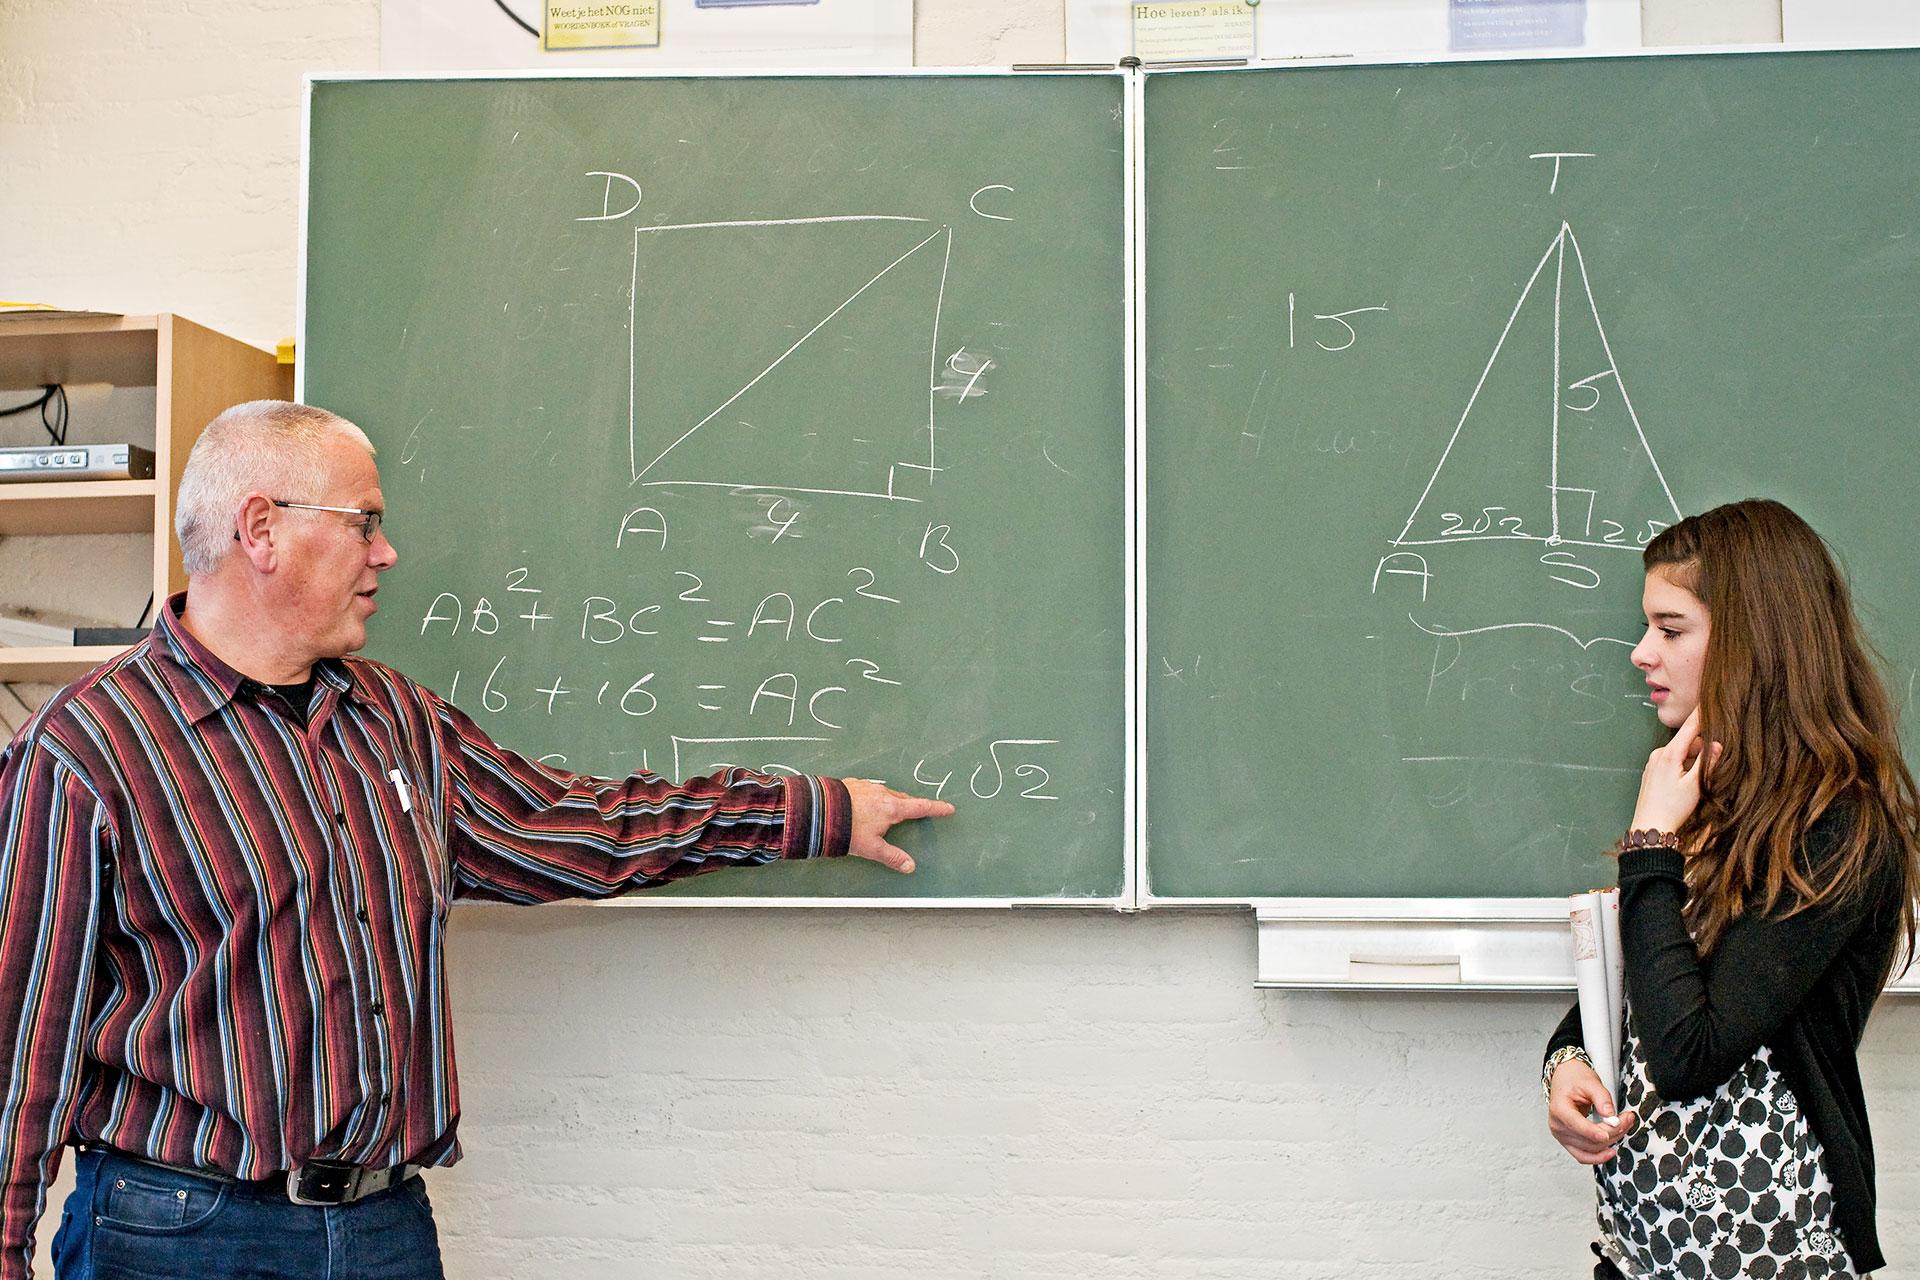 Lehrer gibt an der Wandtafel direkte Instruktion